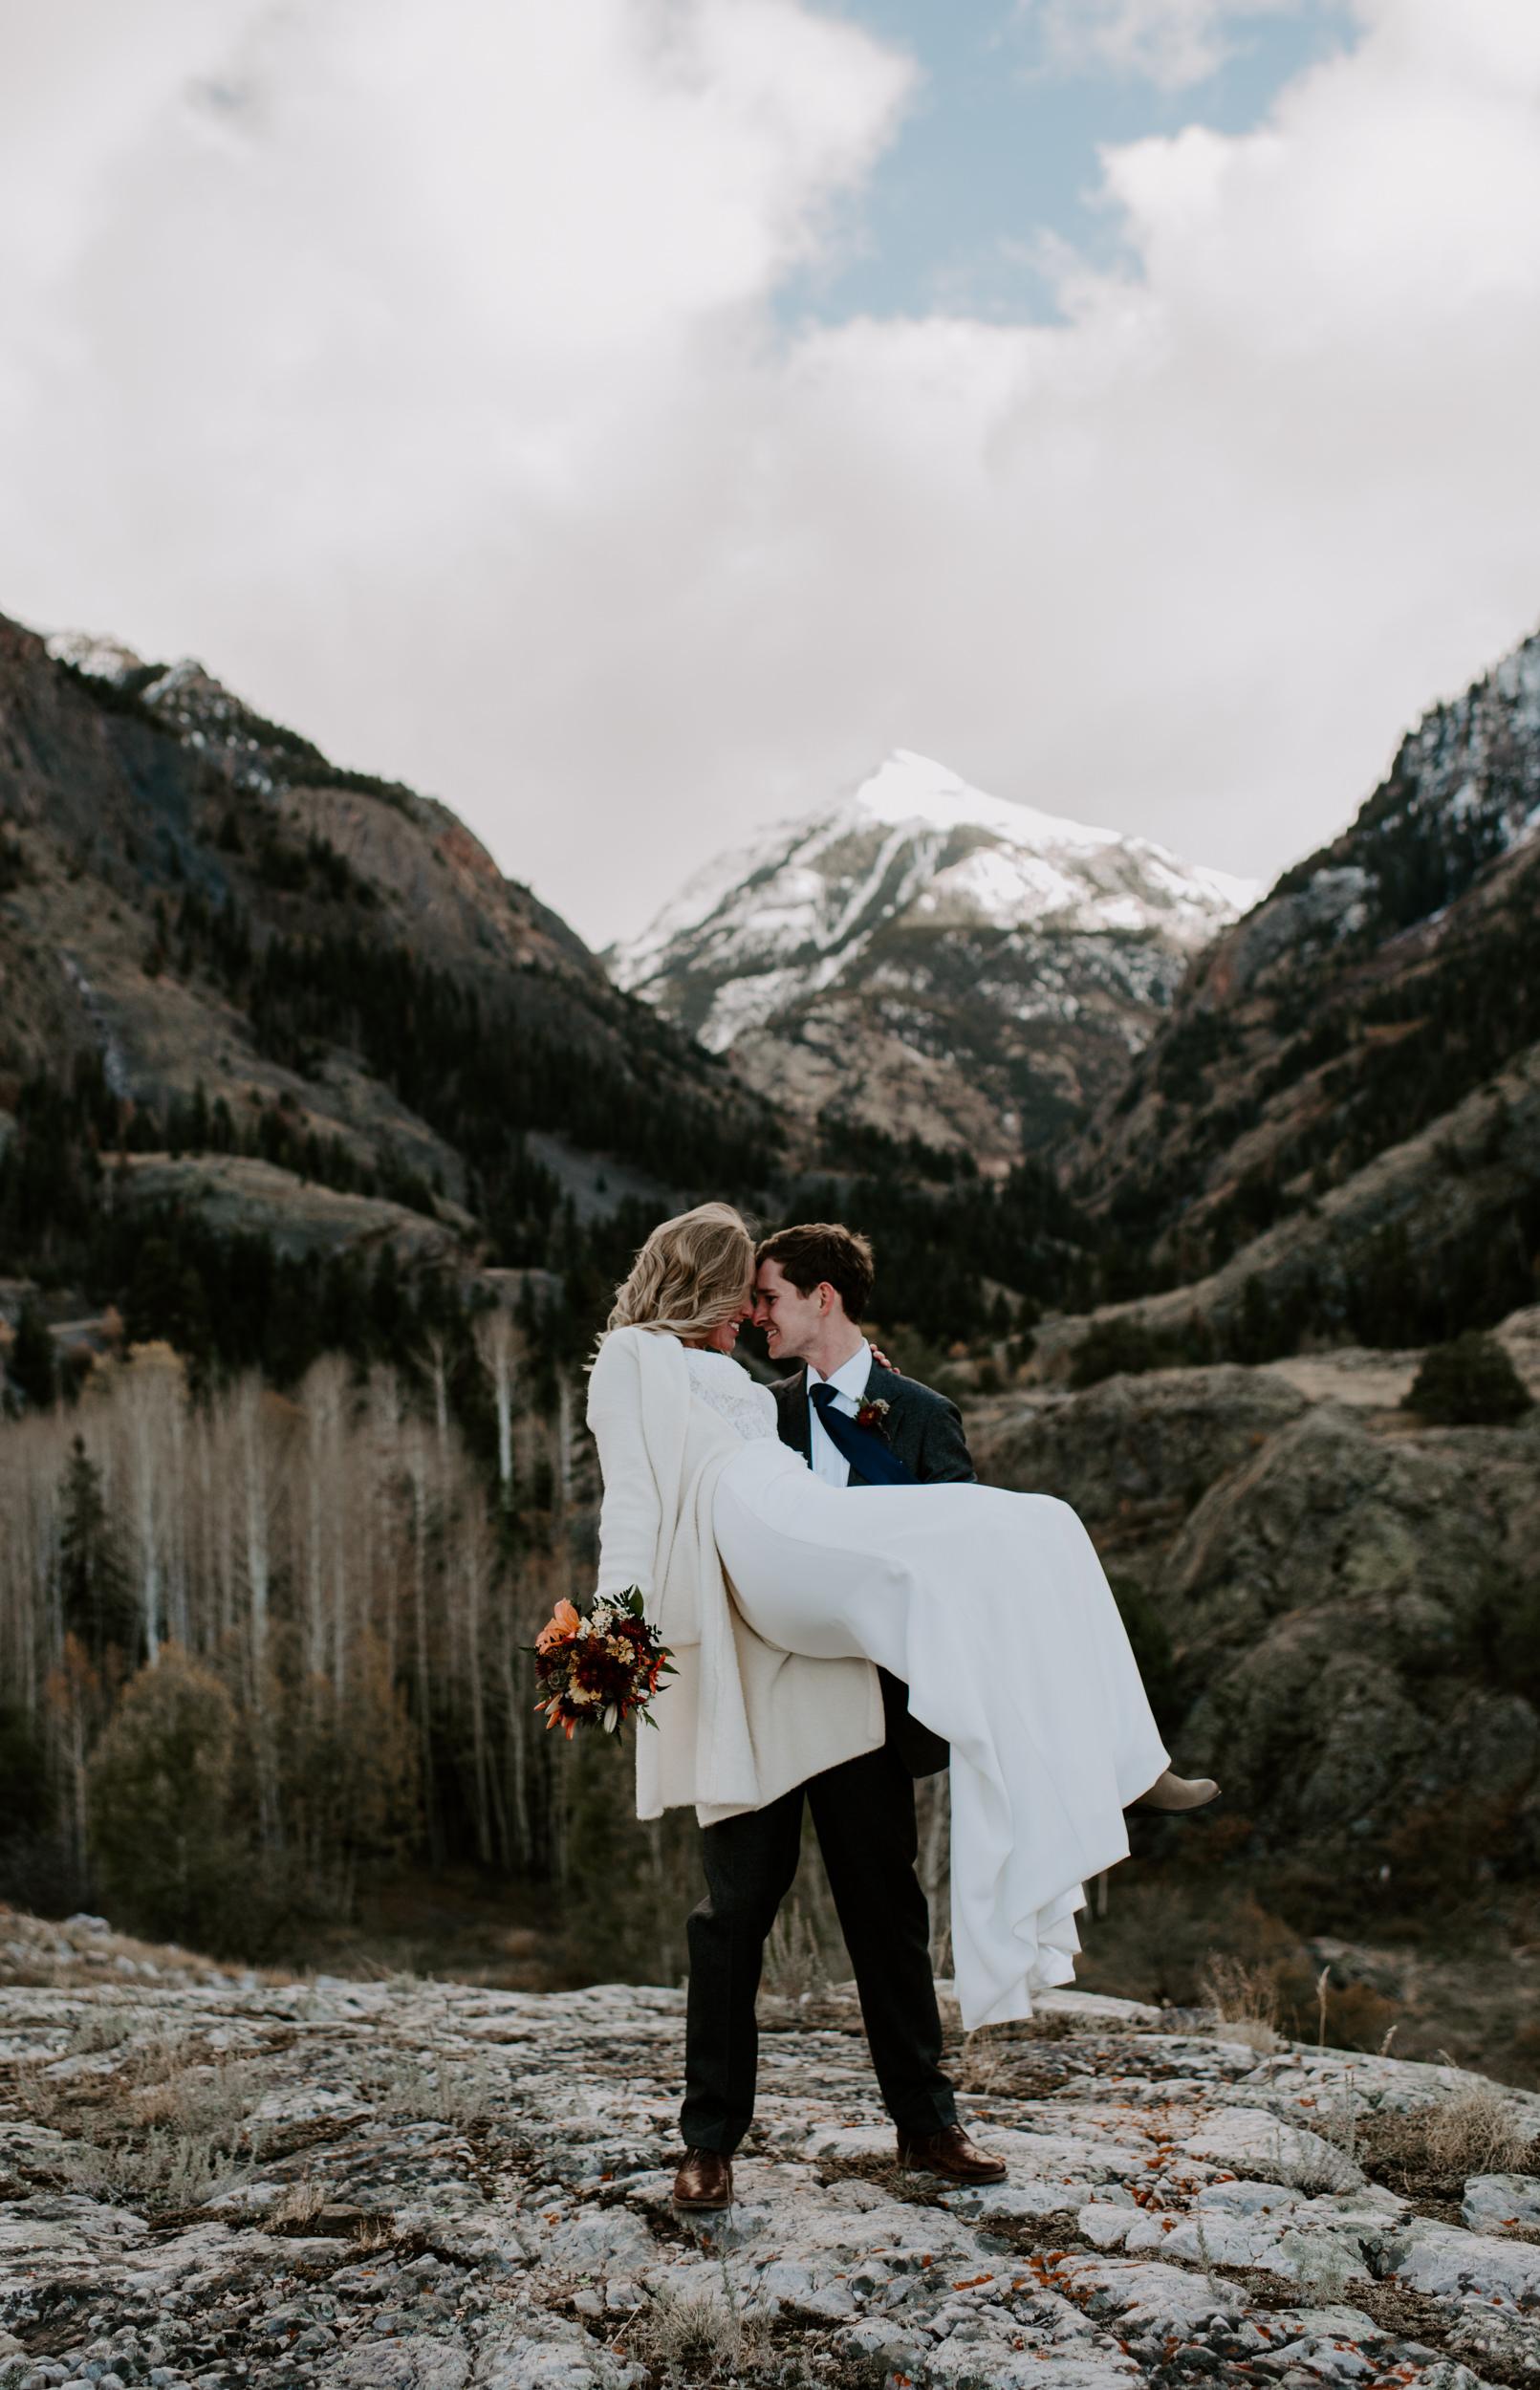 Colorado elopement photographer. Denver based wedding photographer. Colorado mountain wedding photos in Ouray, Colorado.